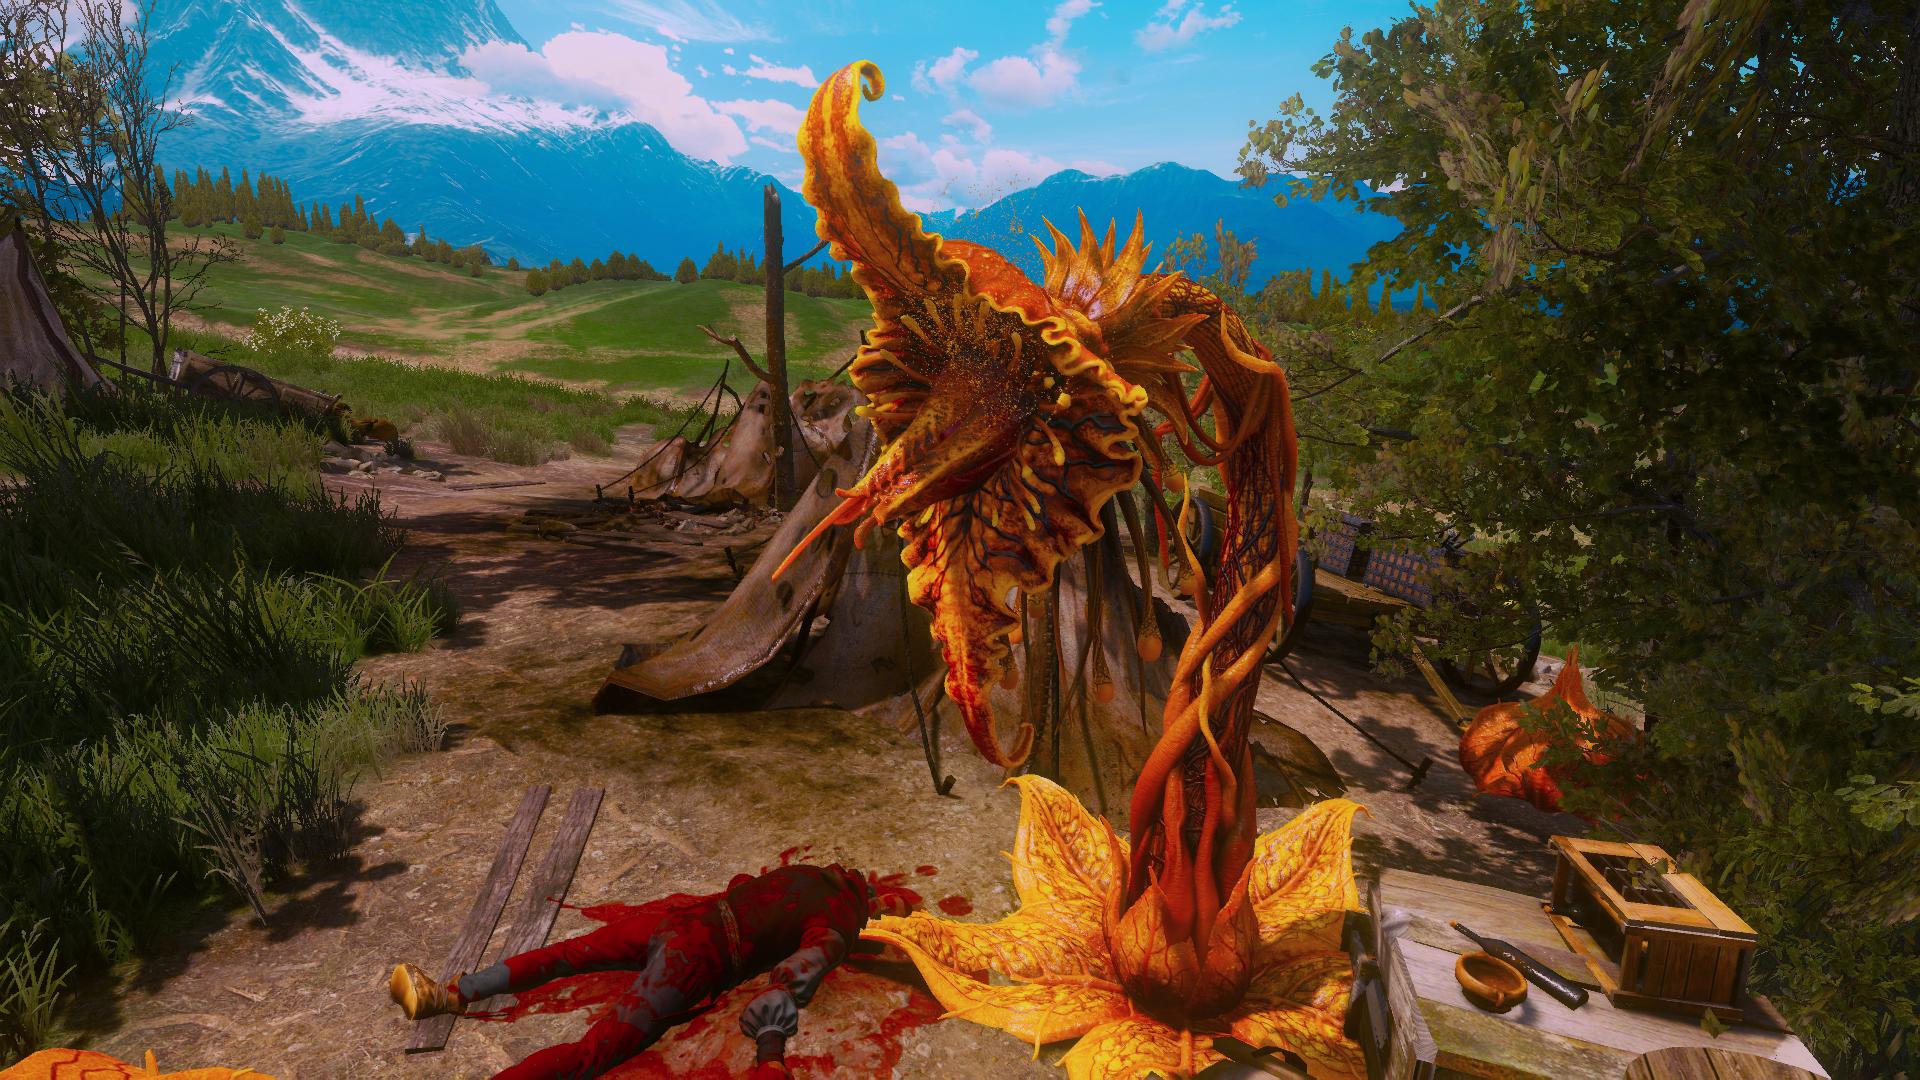 Spor - Witcher 3: Wild Hunt, the